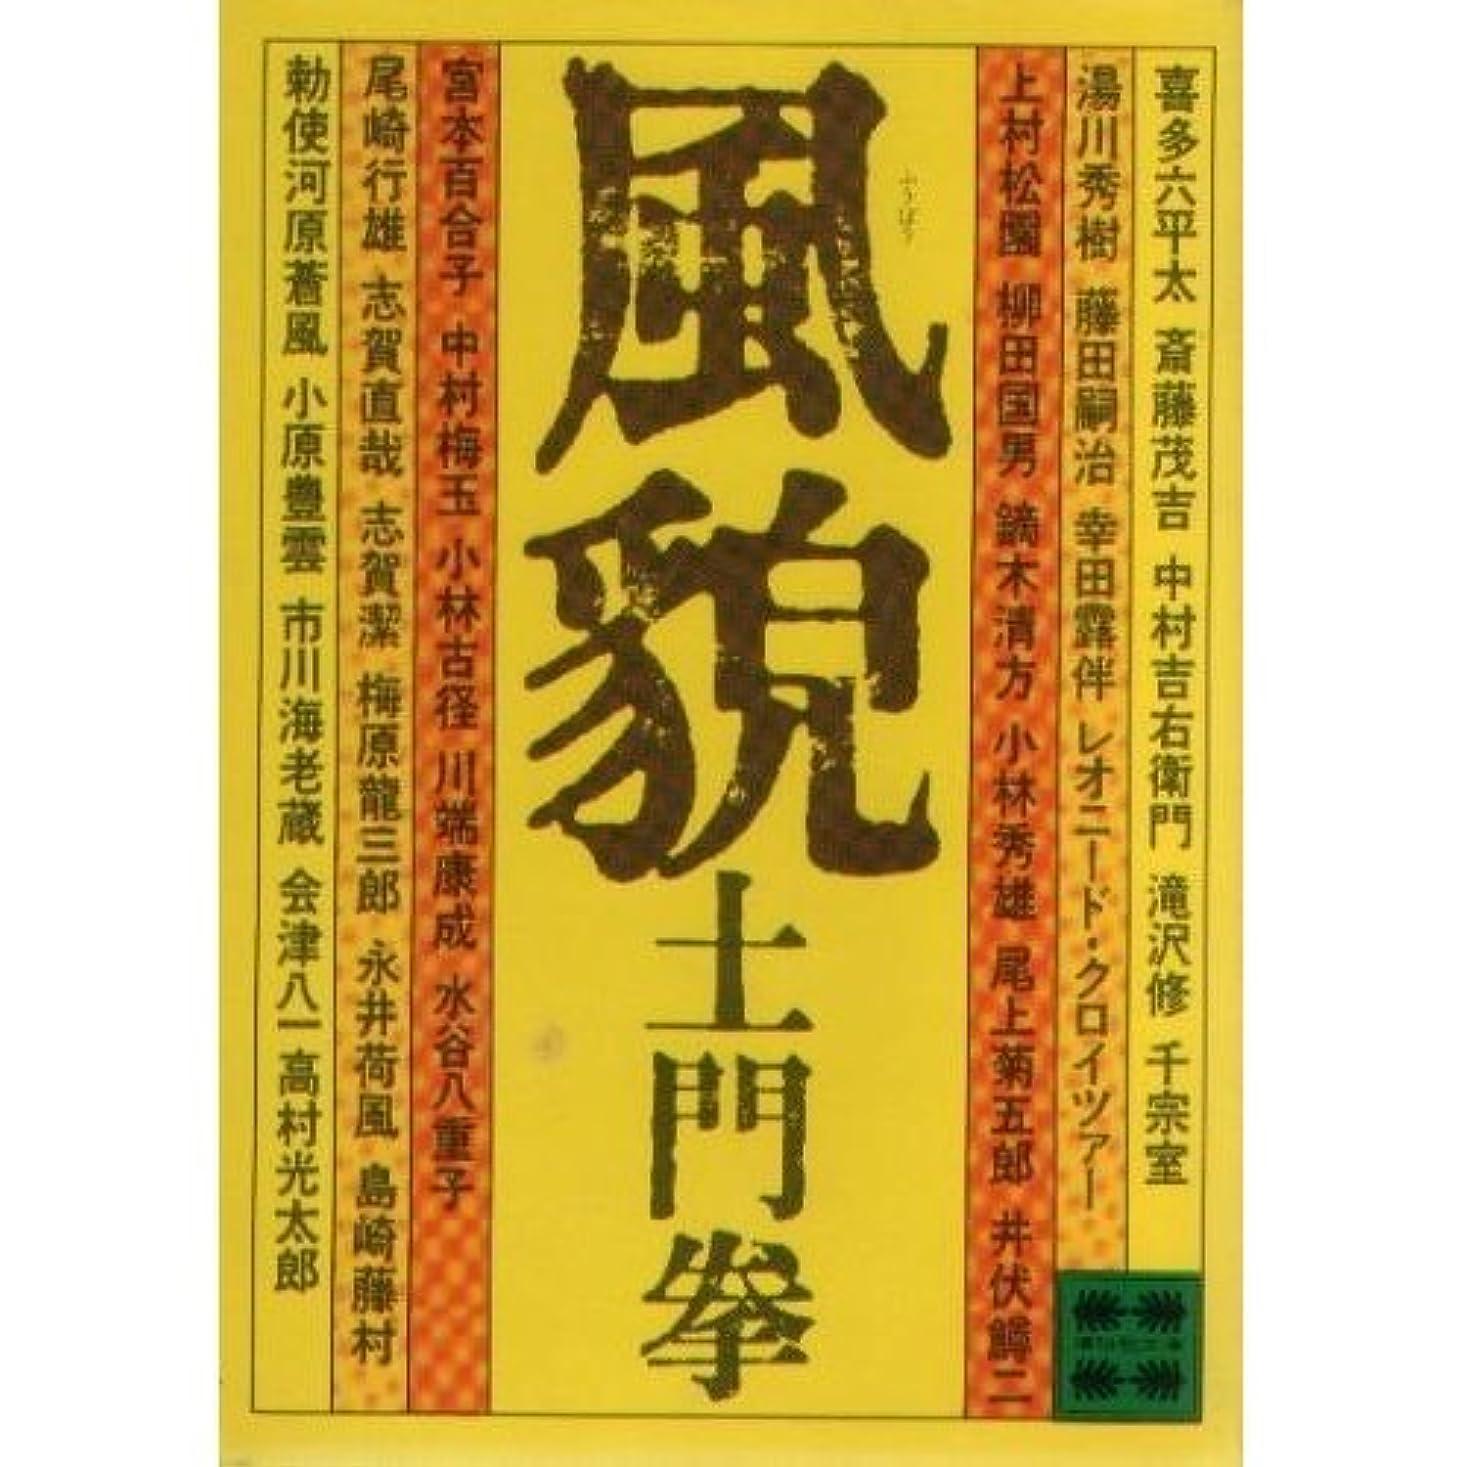 十一気怠い特にROADSIDE JAPAN―珍日本紀行 東日本編 (ちくま文庫)